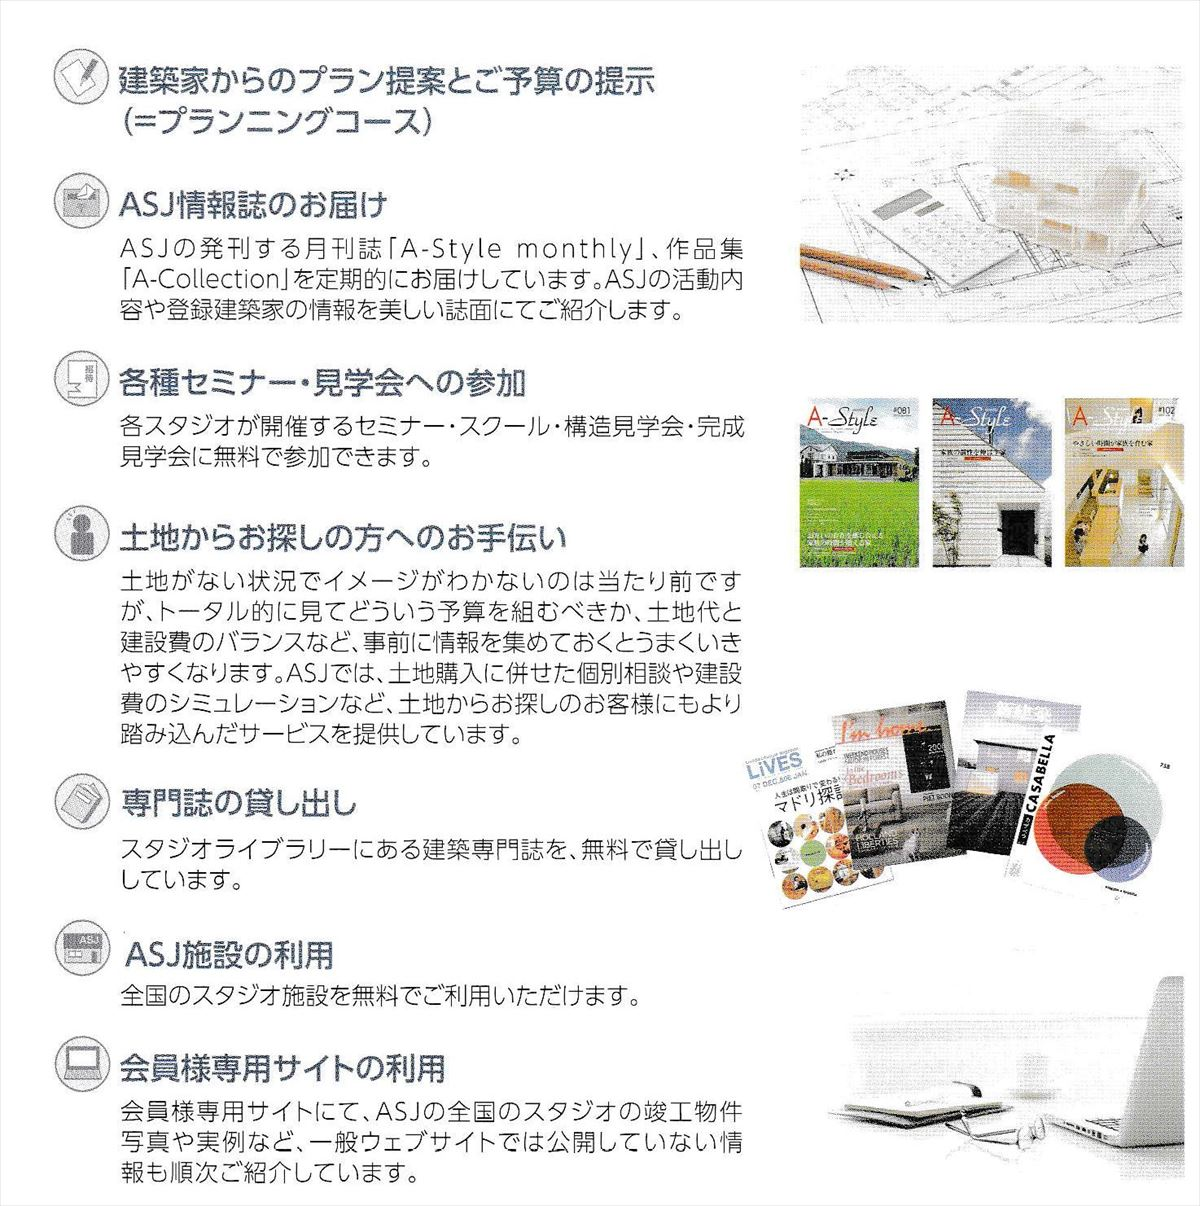 ASJアーキテクツスタジオジャパンのプランニングコース